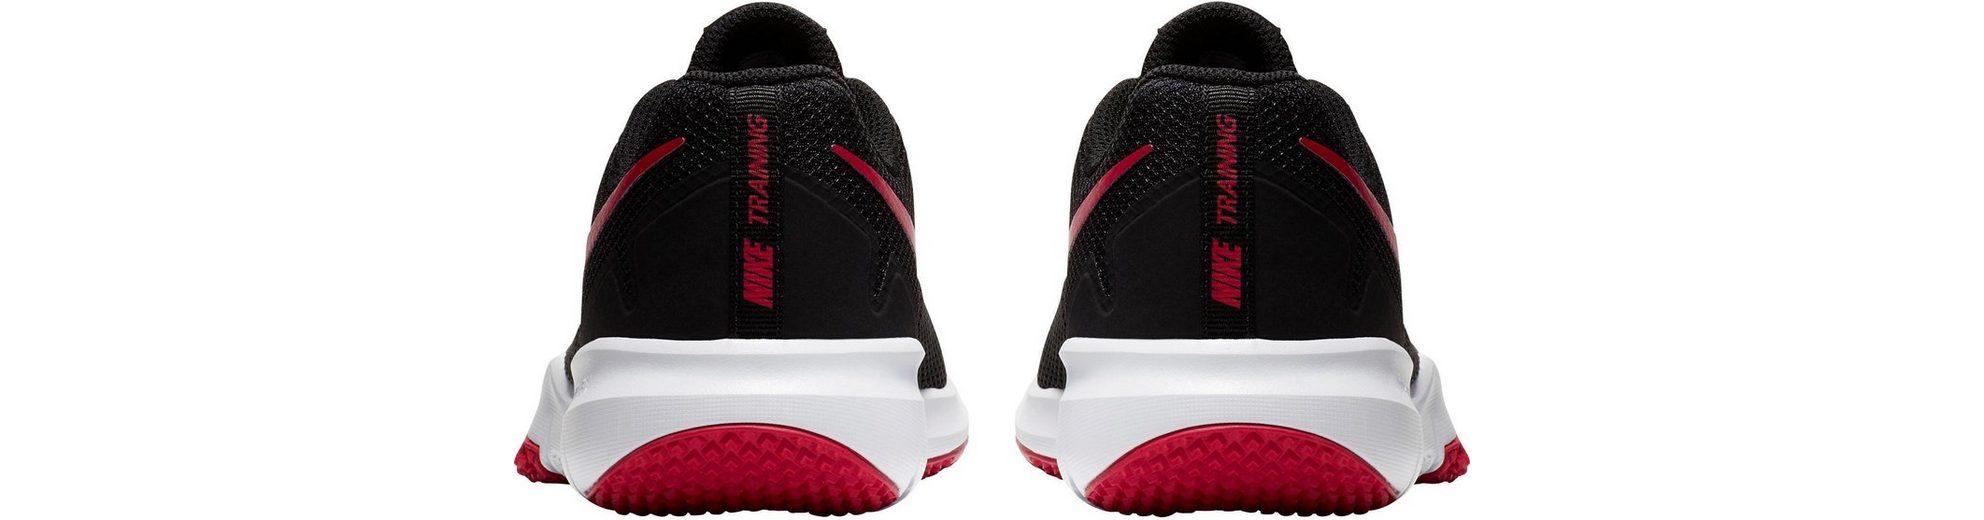 Spielraum Besten Nike Flex Control 2 Trainingsschuh Großer Rabatt Günstig Kaufen Manchester Großen Verkauf CsmFj9O